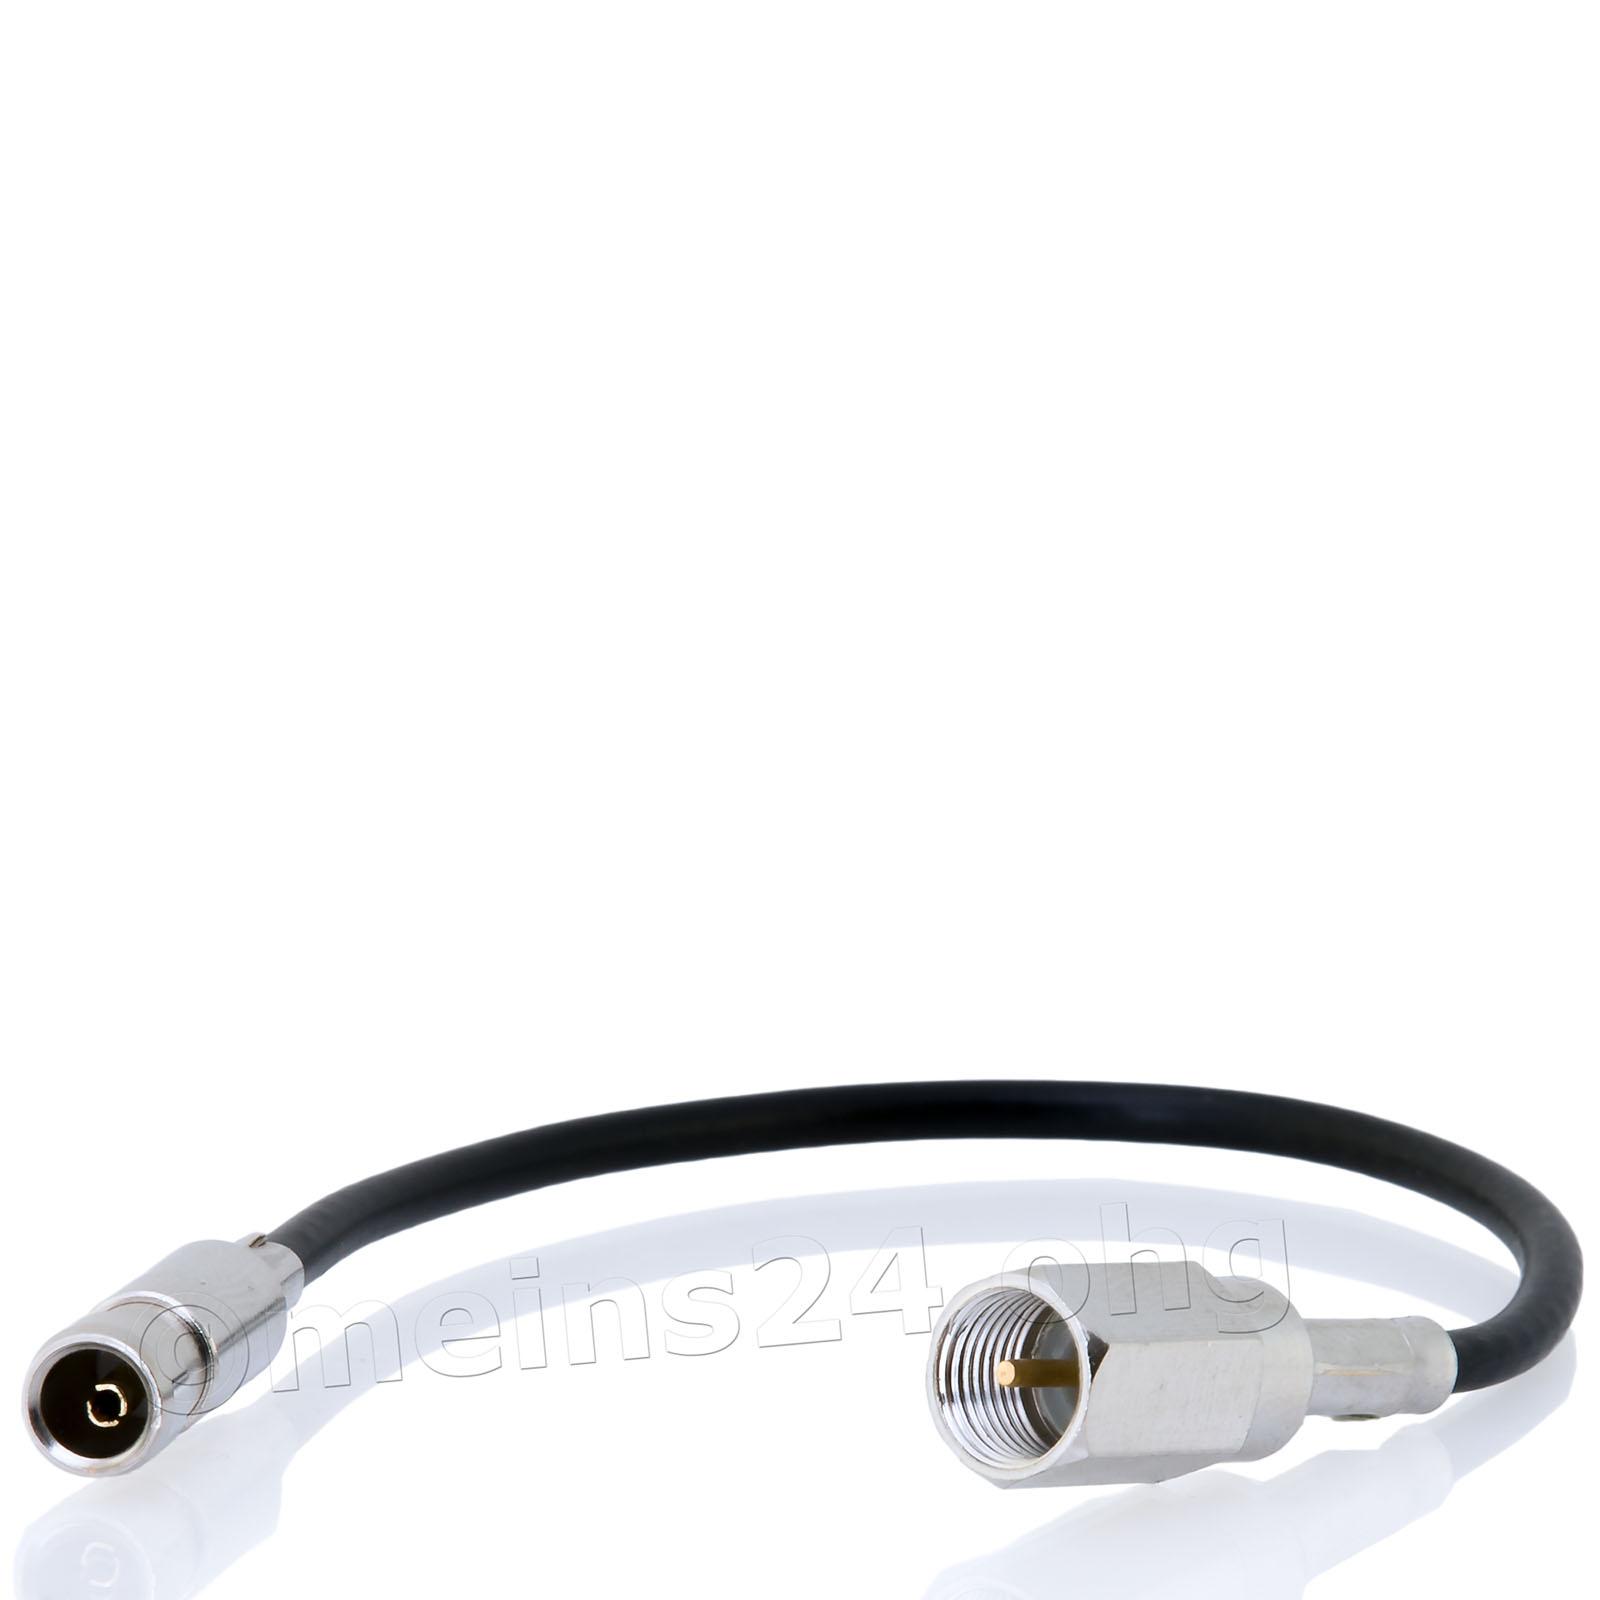 Antennenadapter WICLIC Buchse (f) > FME Stecker (m)